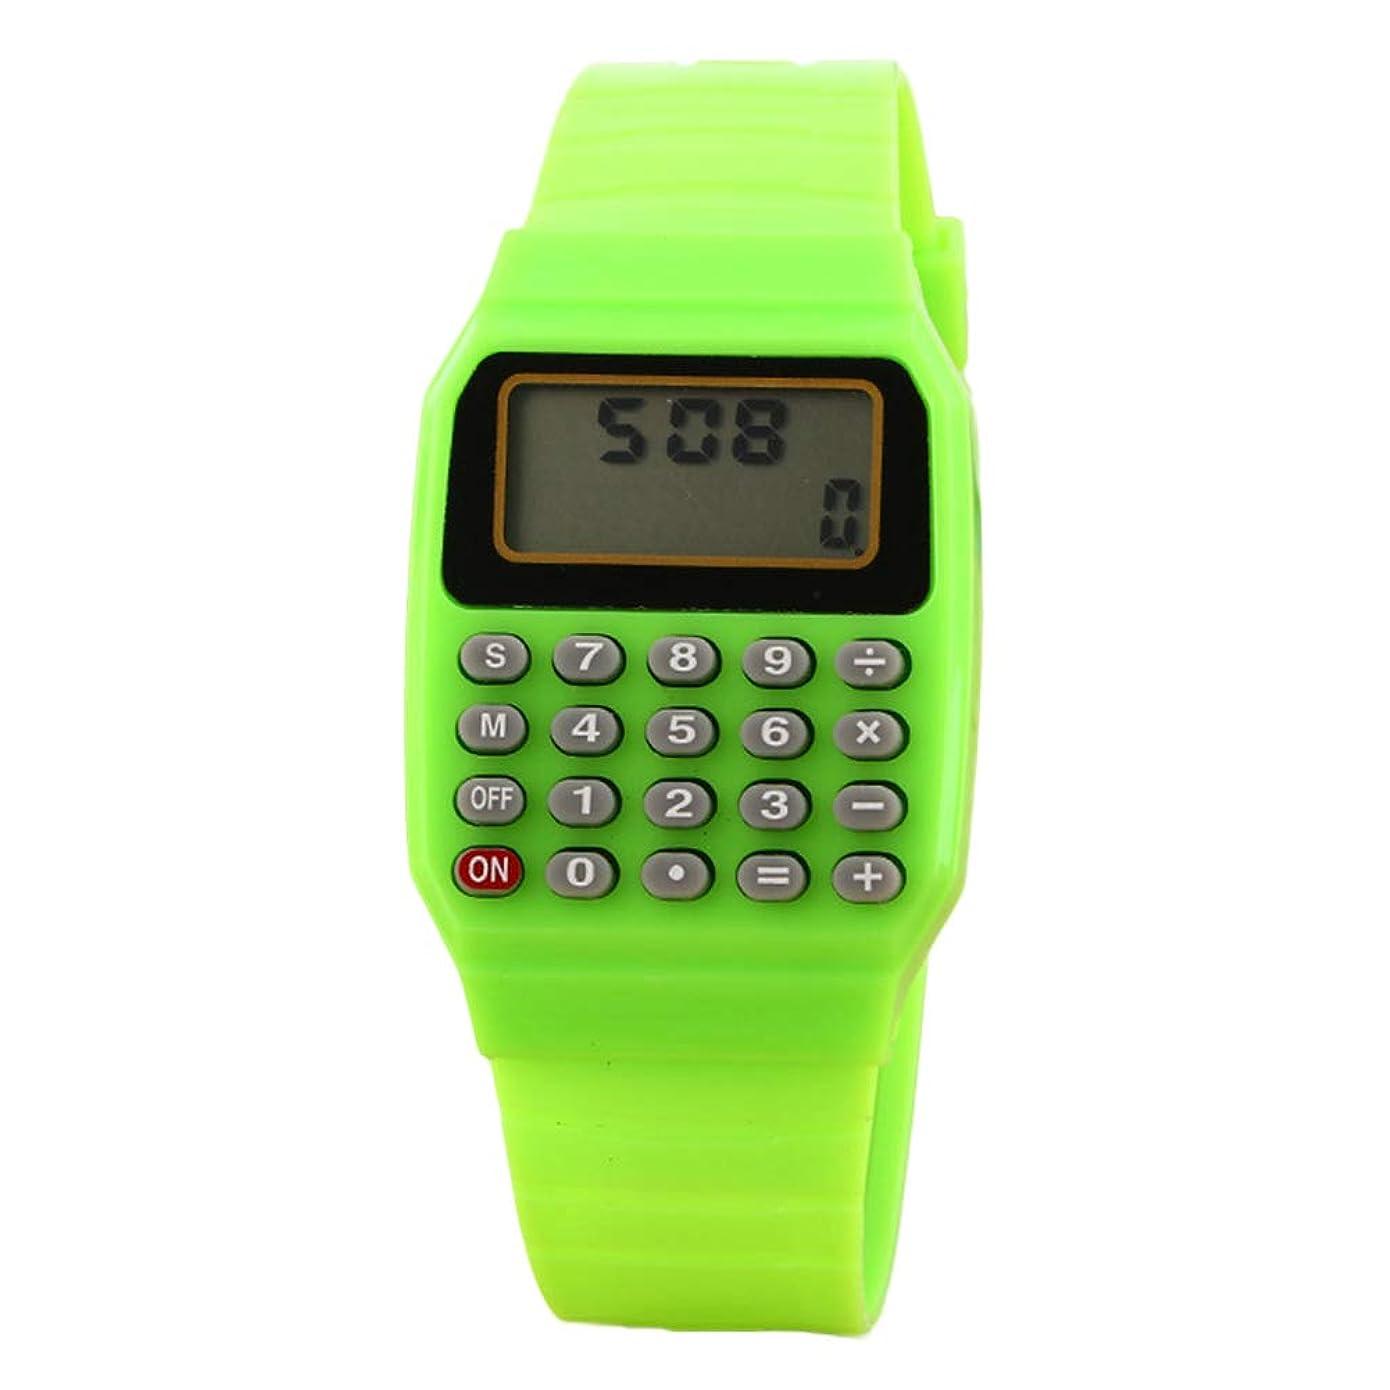 伝染性オフ取り消すZKxl8ca 子供用腕時計 デジタル 正方形 ミニ ポータブル 電卓 試験ツール キッズギフト